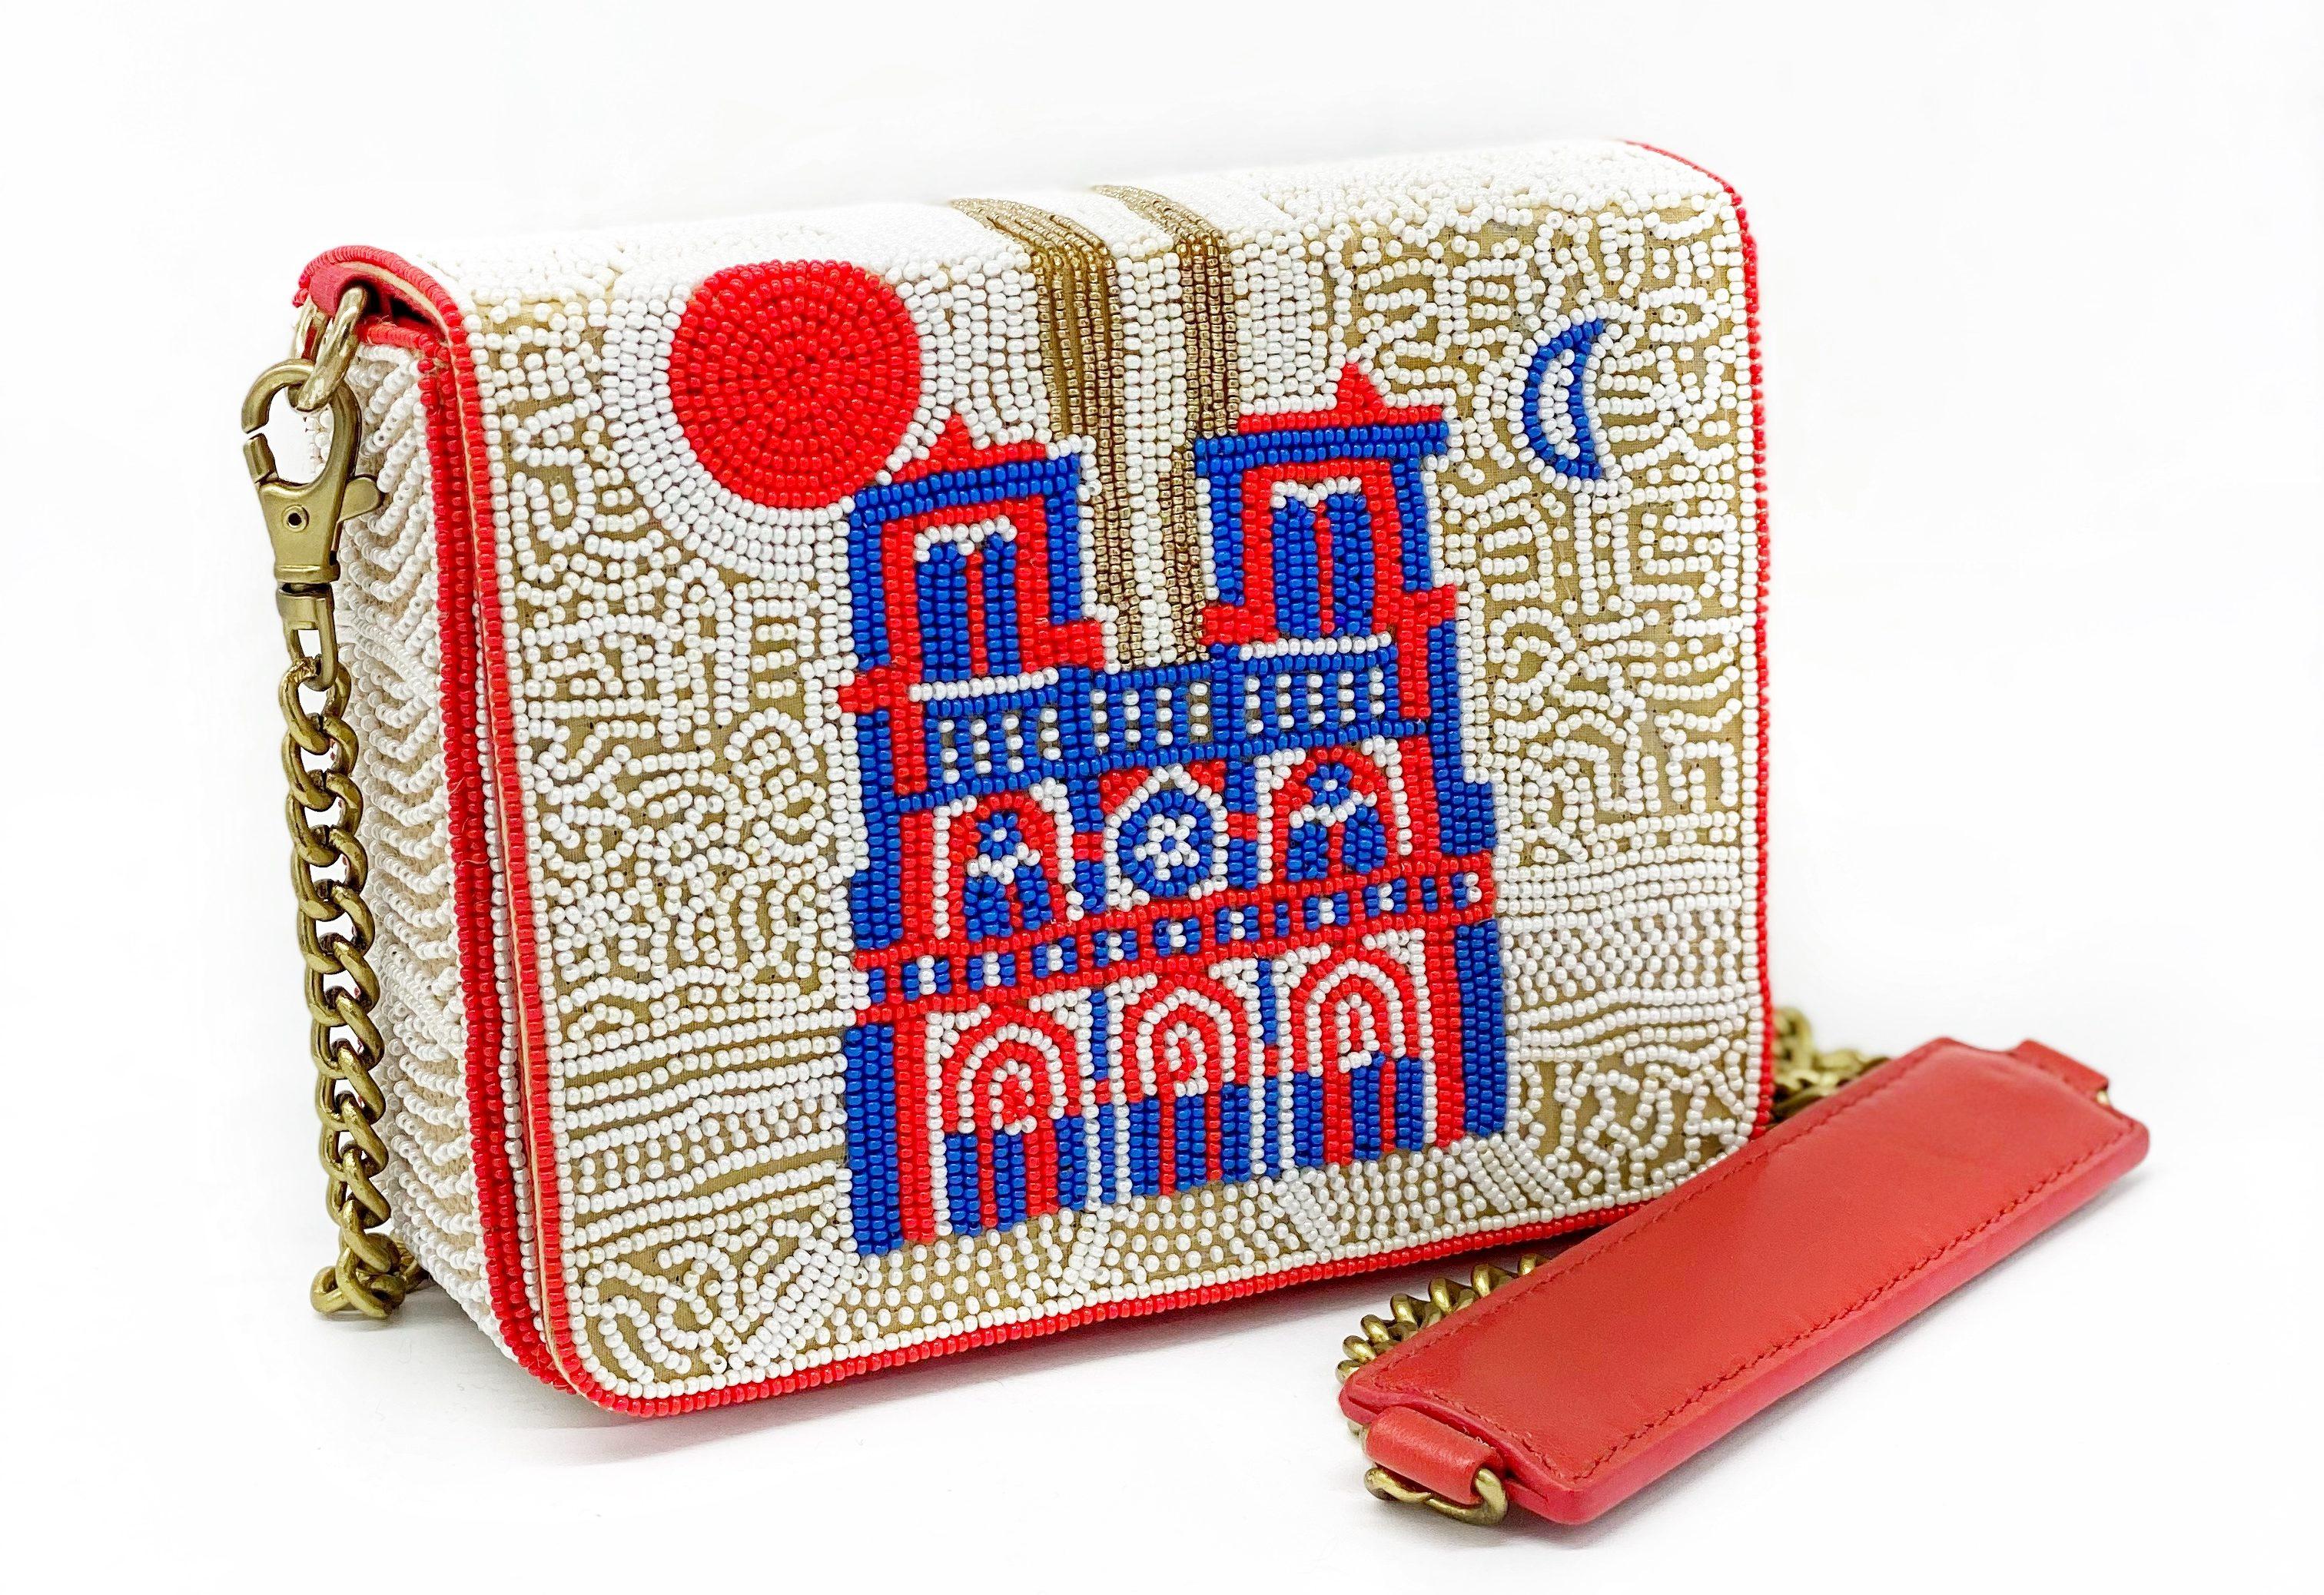 notre dame handbag collection